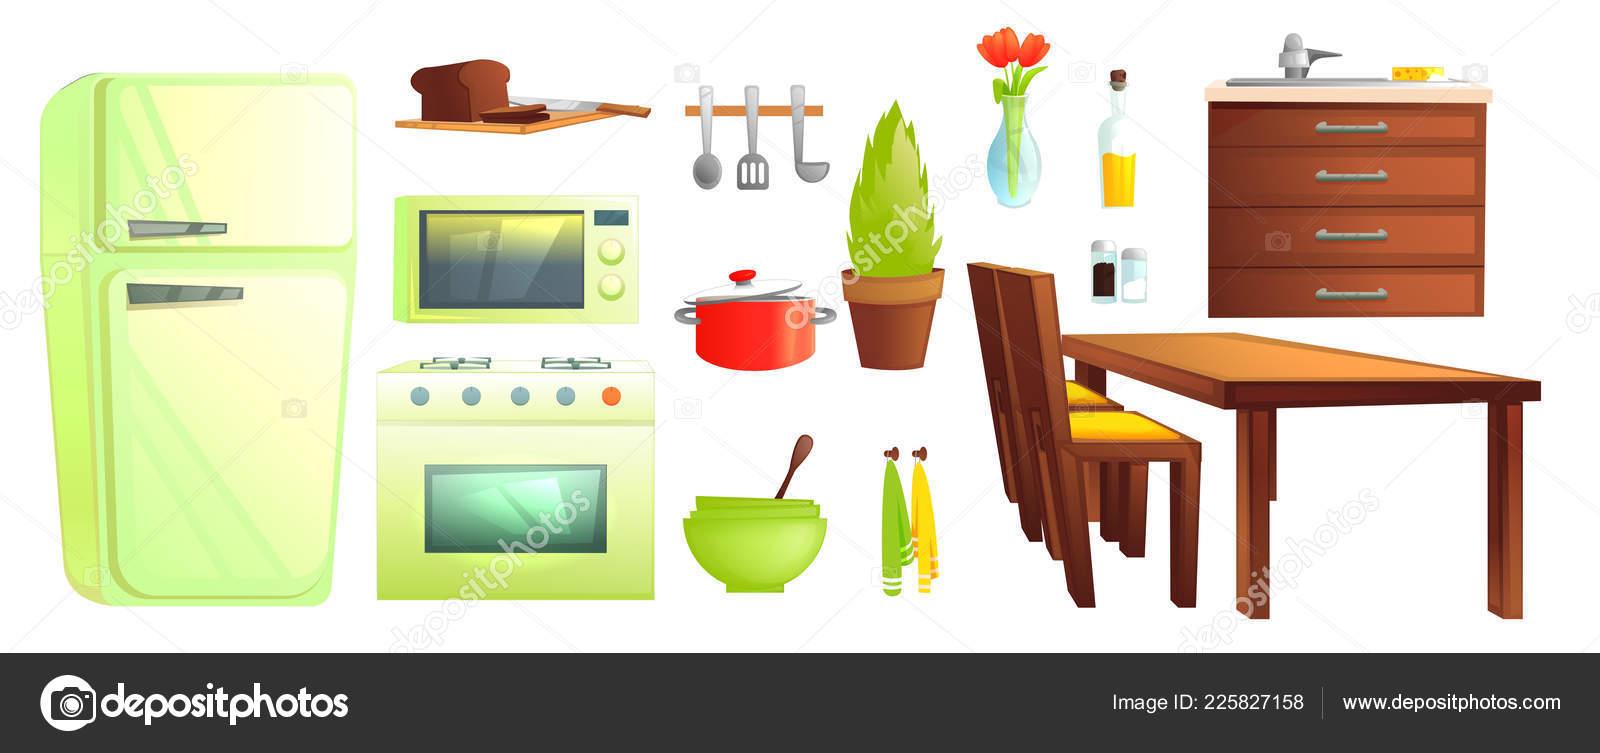 Muebles de cocina y vajilla. Platos y objetos interiores como ...